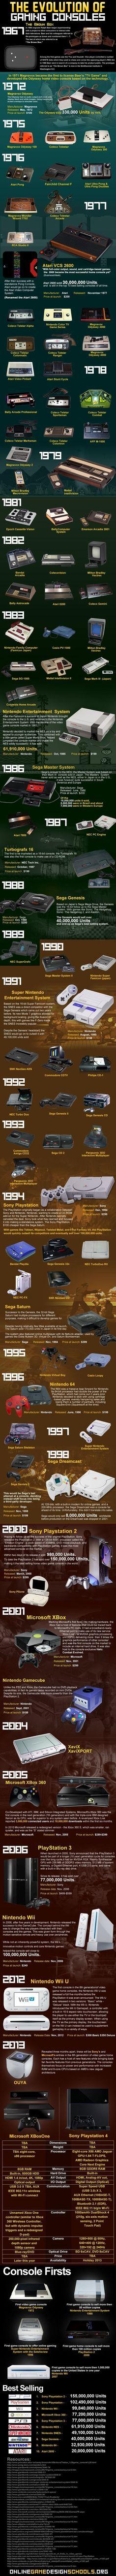 La Evolución de las Consolas de Juegos (1969 - 2013)  #Gaming: